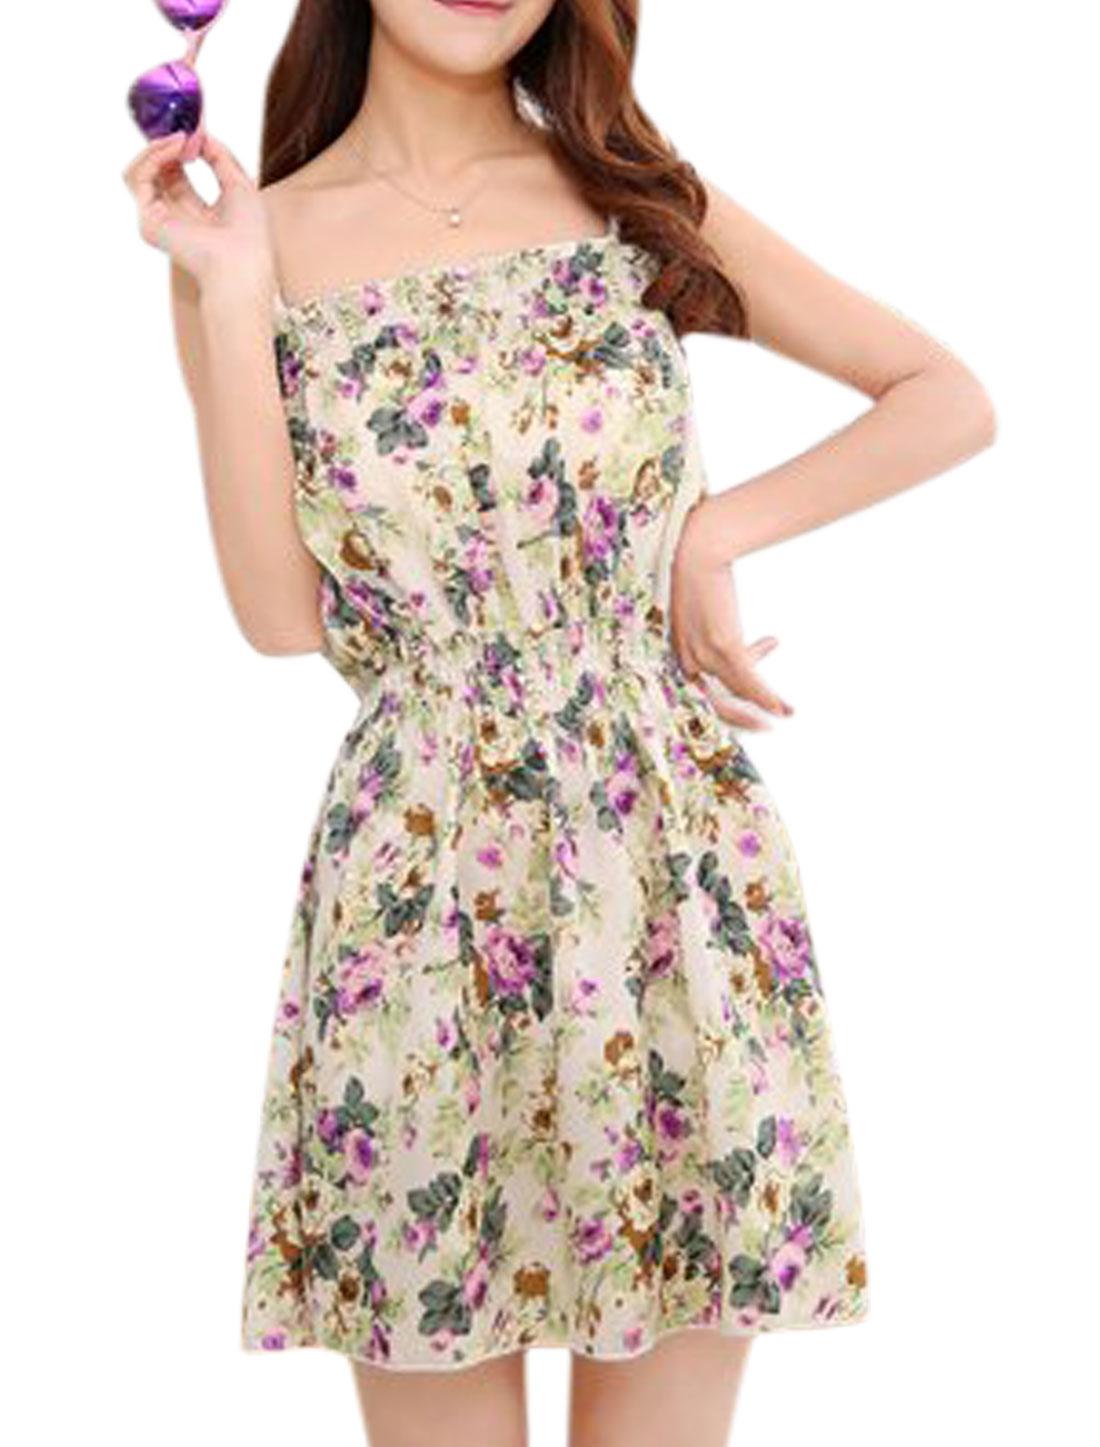 Women Flower Pattern Elastic Waist Spaghetti Strap Summer Dress Beige Purple XS